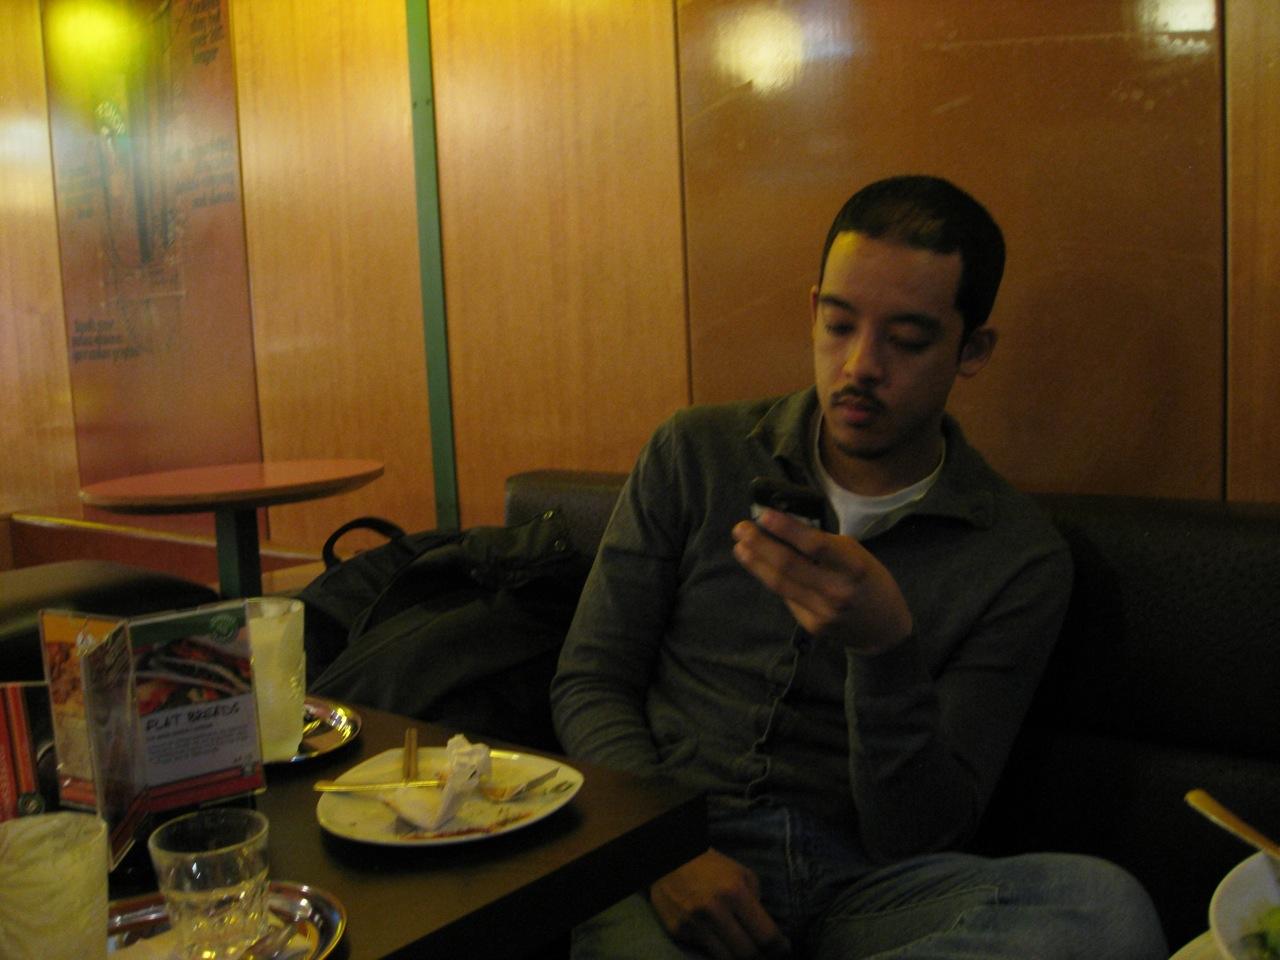 Vienna, 2011 - 51